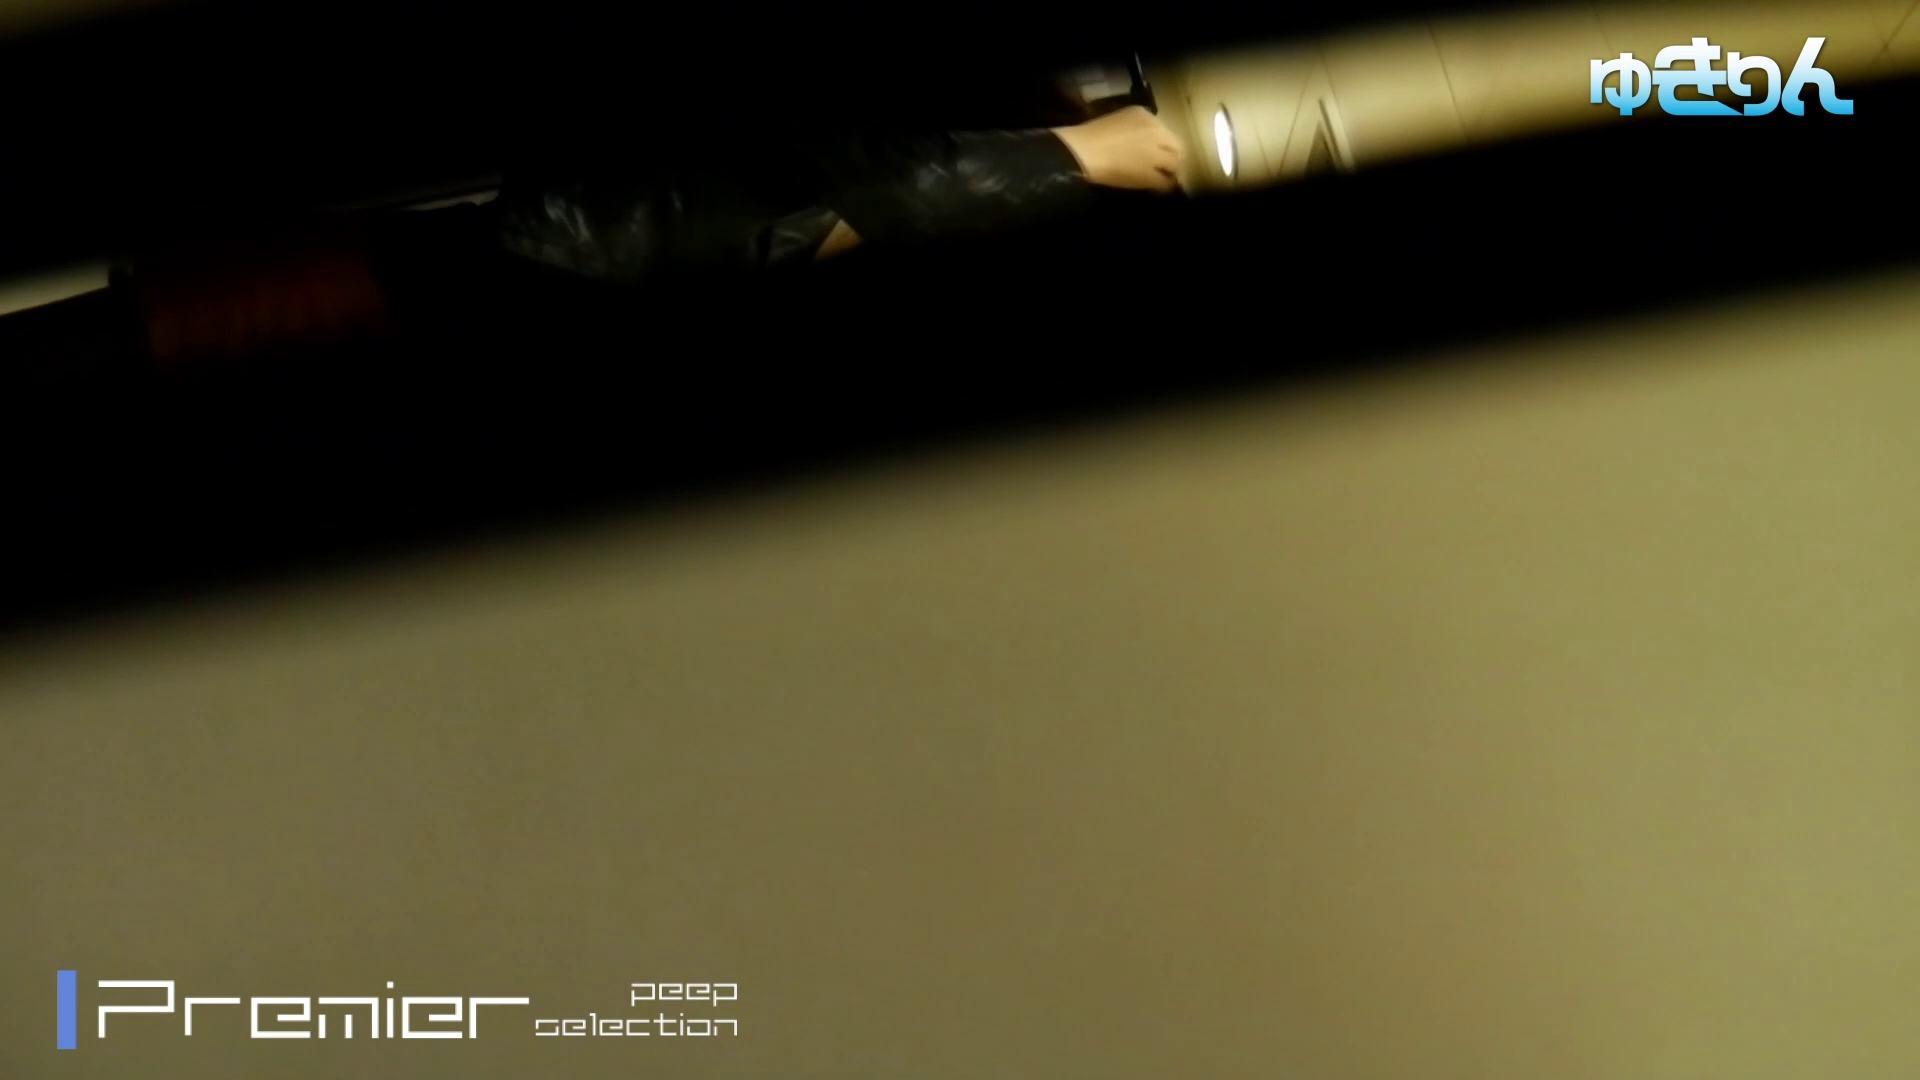 新世界の射窓 No100 祝 記念版!異次元な明るさと技術 無料動画 美肌  72PIX 42